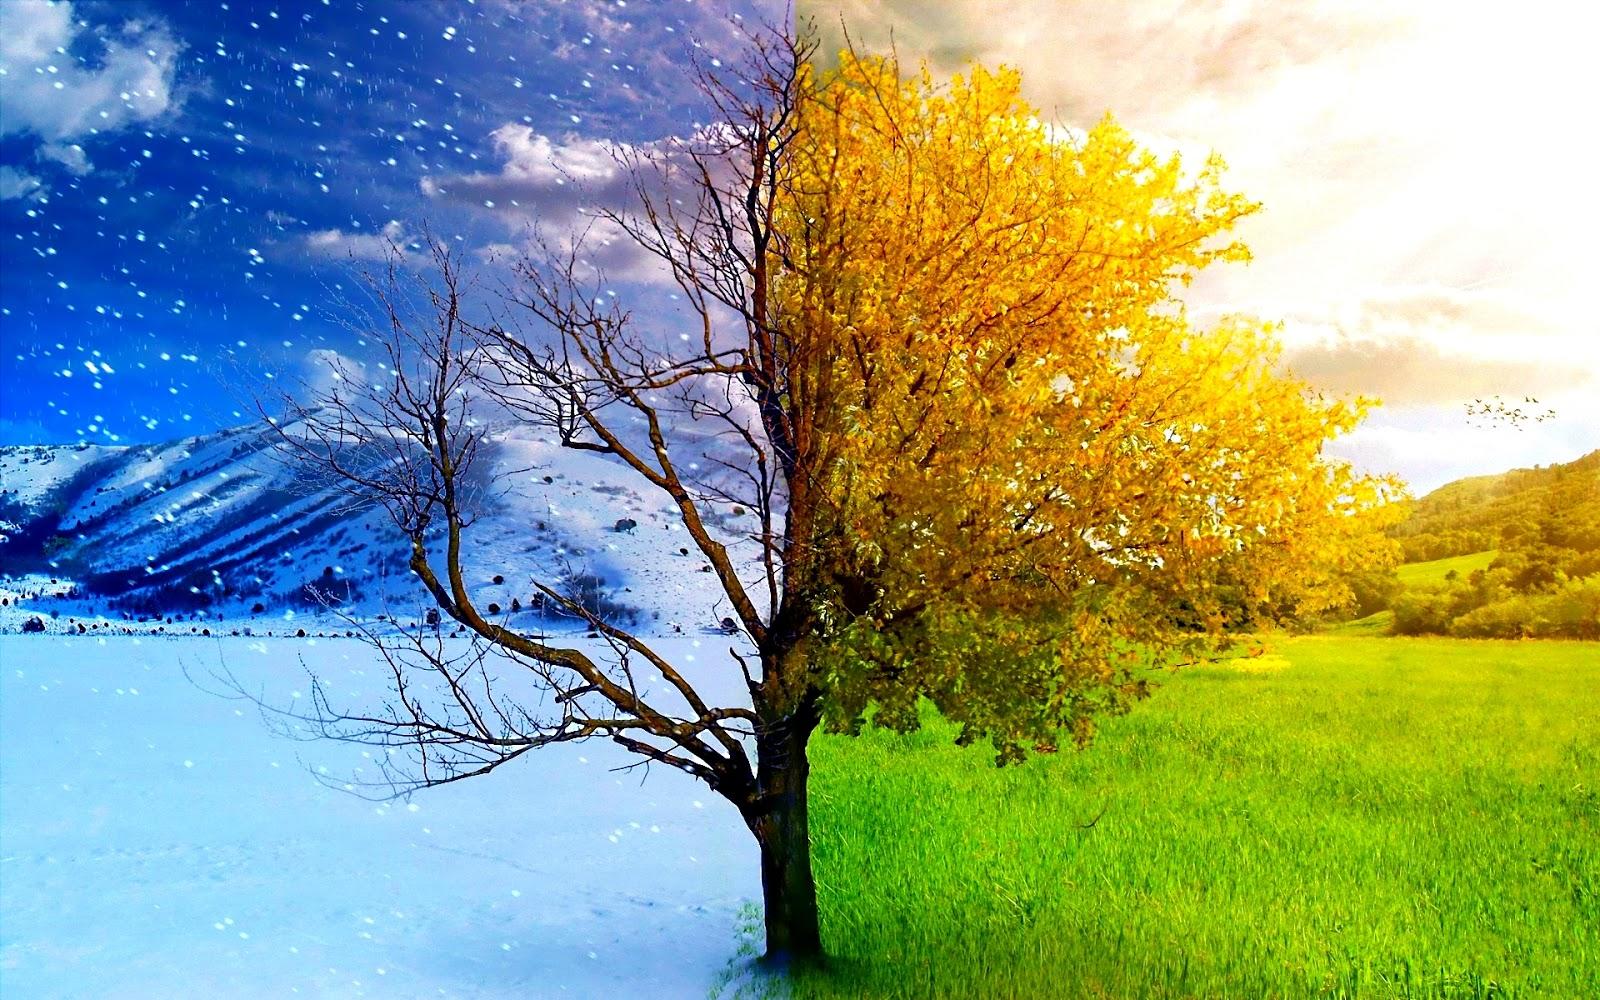 imágenes-bonitas-de-árboles-